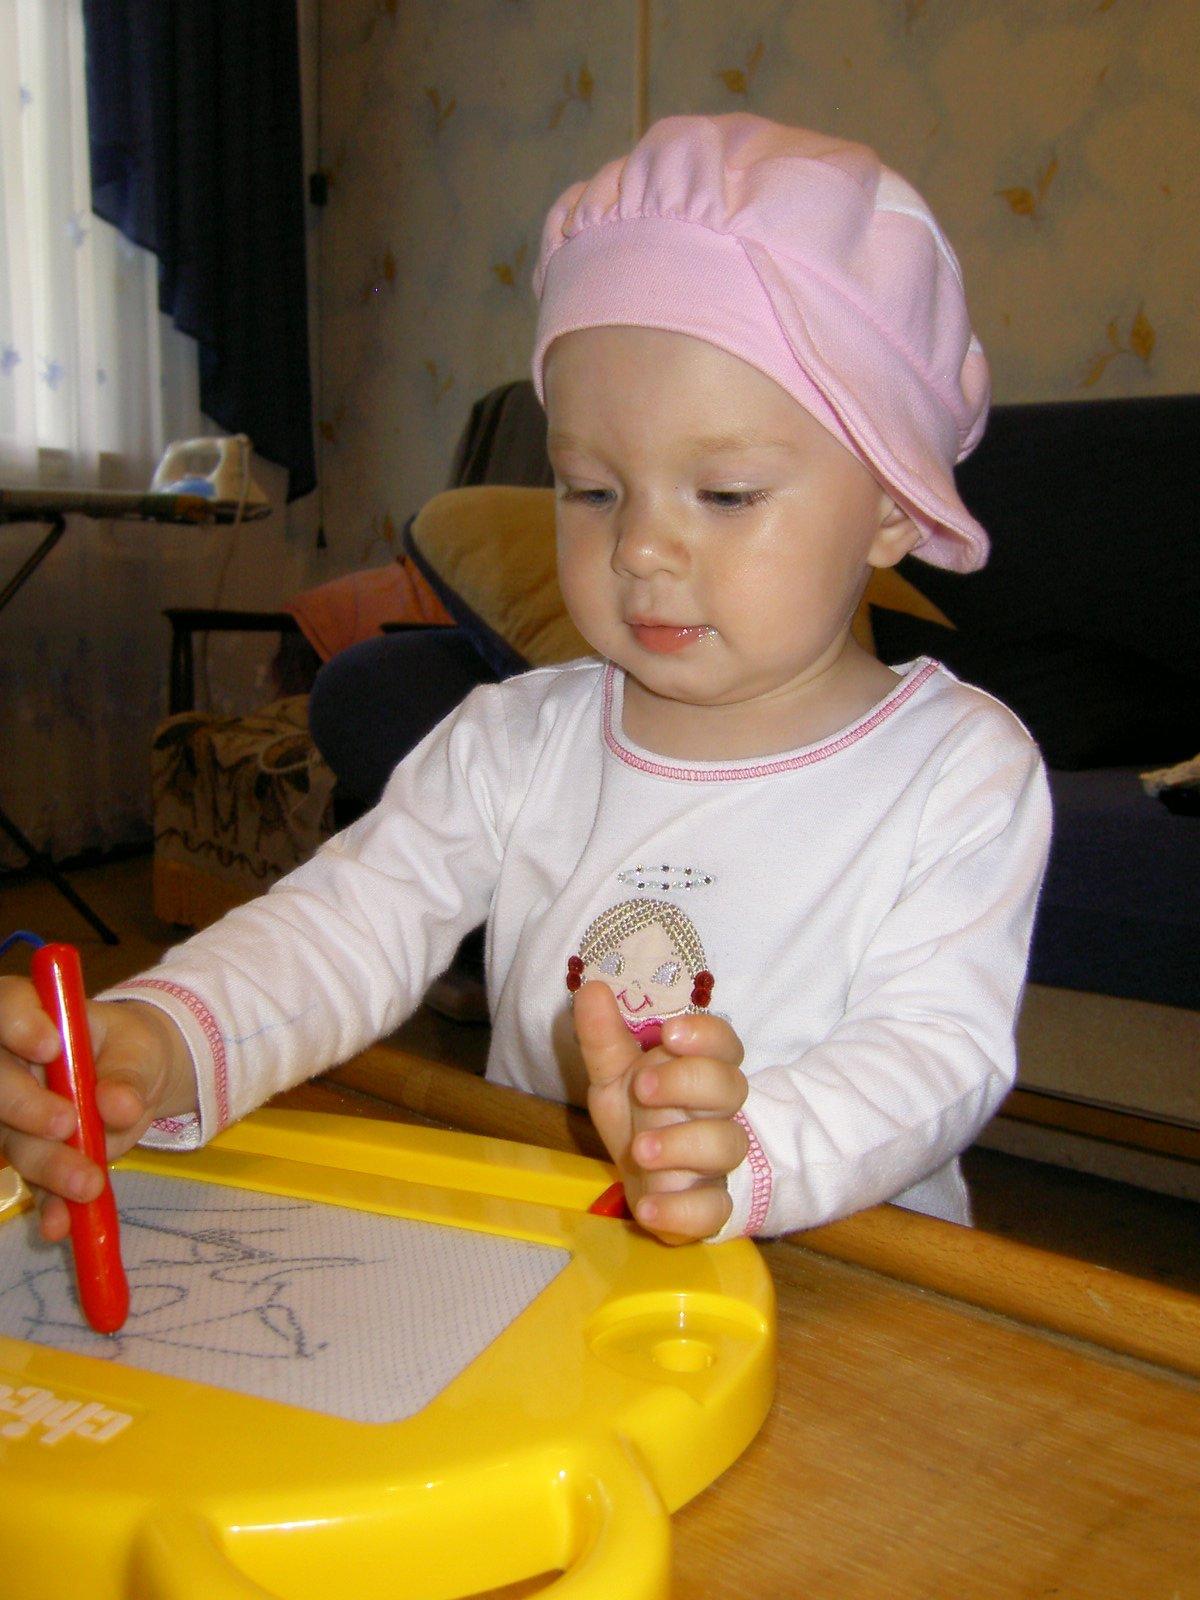 Я любимой мамочке нарисую...галочки!. Живописцы, окуните ваши кисти!